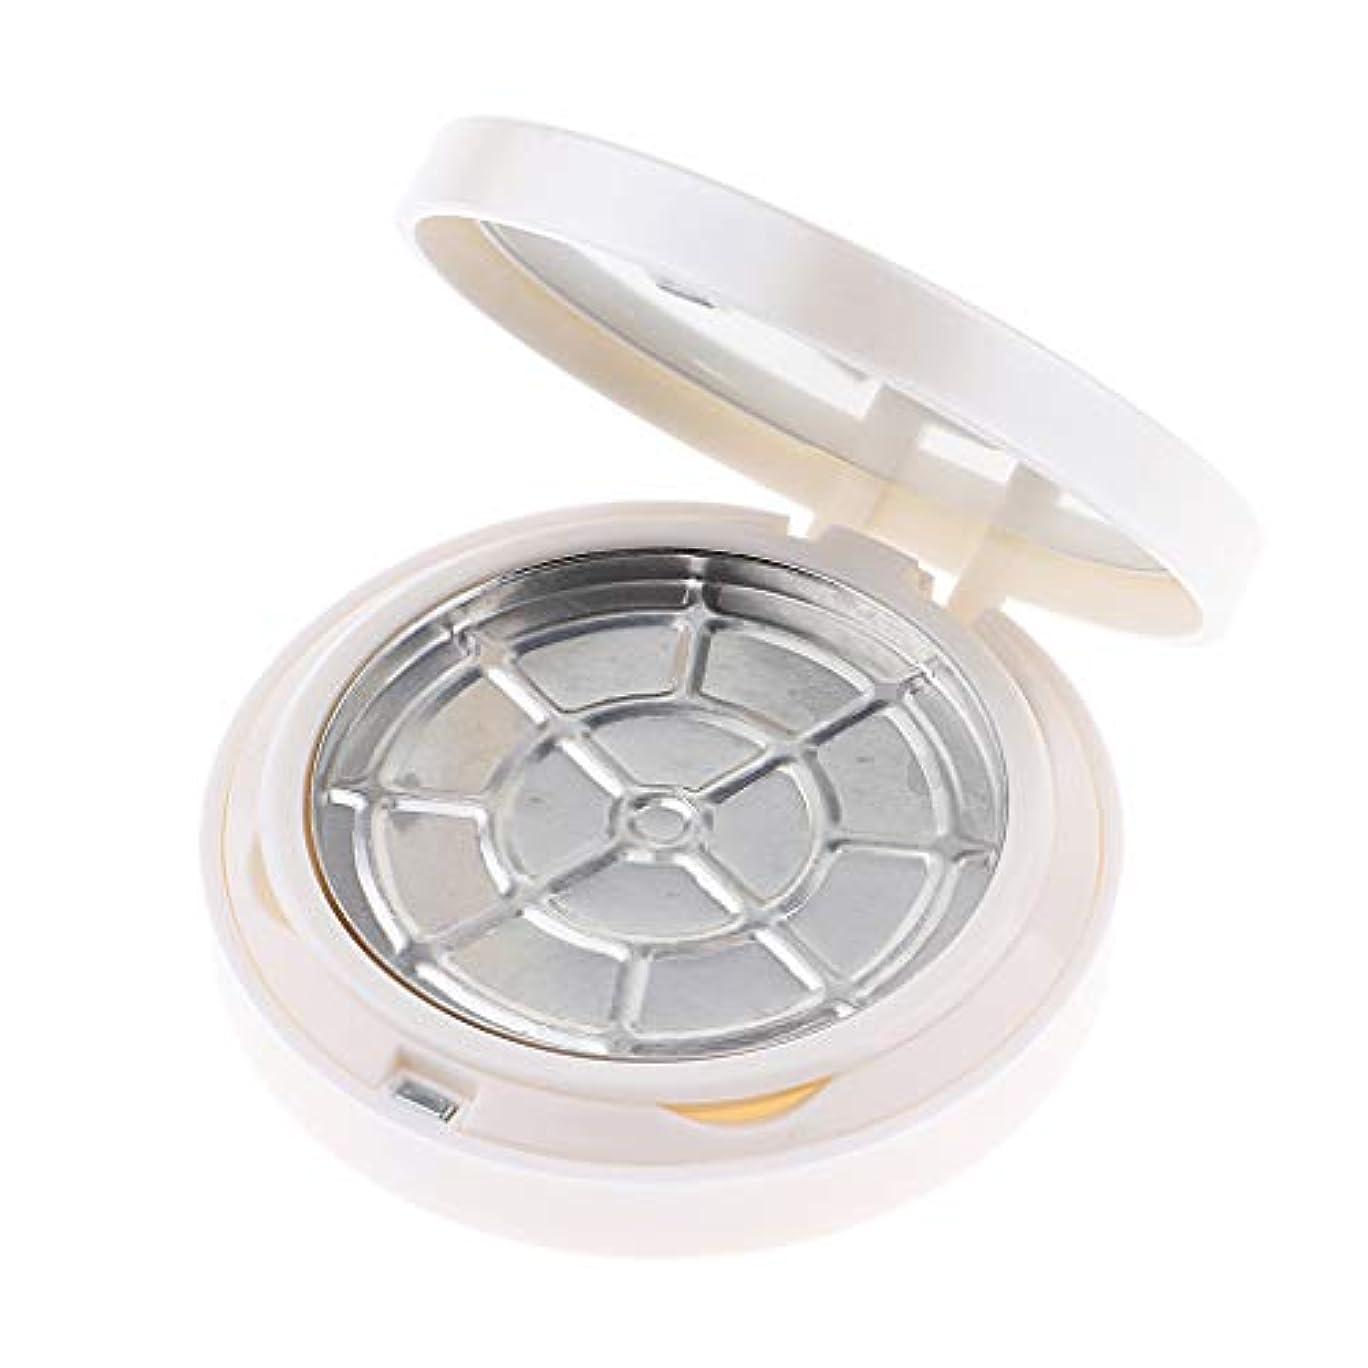 ホイール癌航海のパウダーケース アルミ皿 空箱 化粧品容器 2色選べ - 白